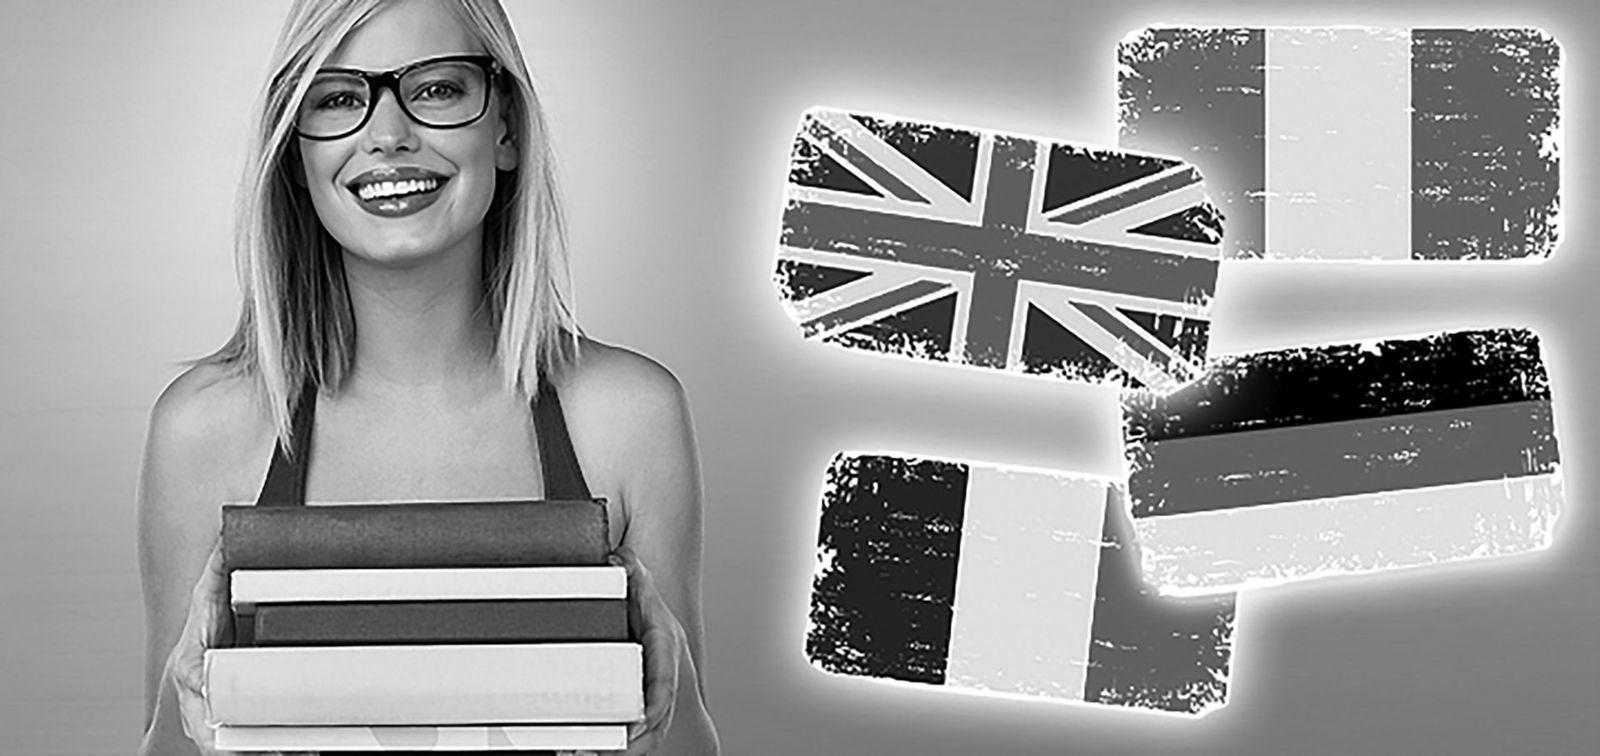 Как стать полиглотом бесплатно?